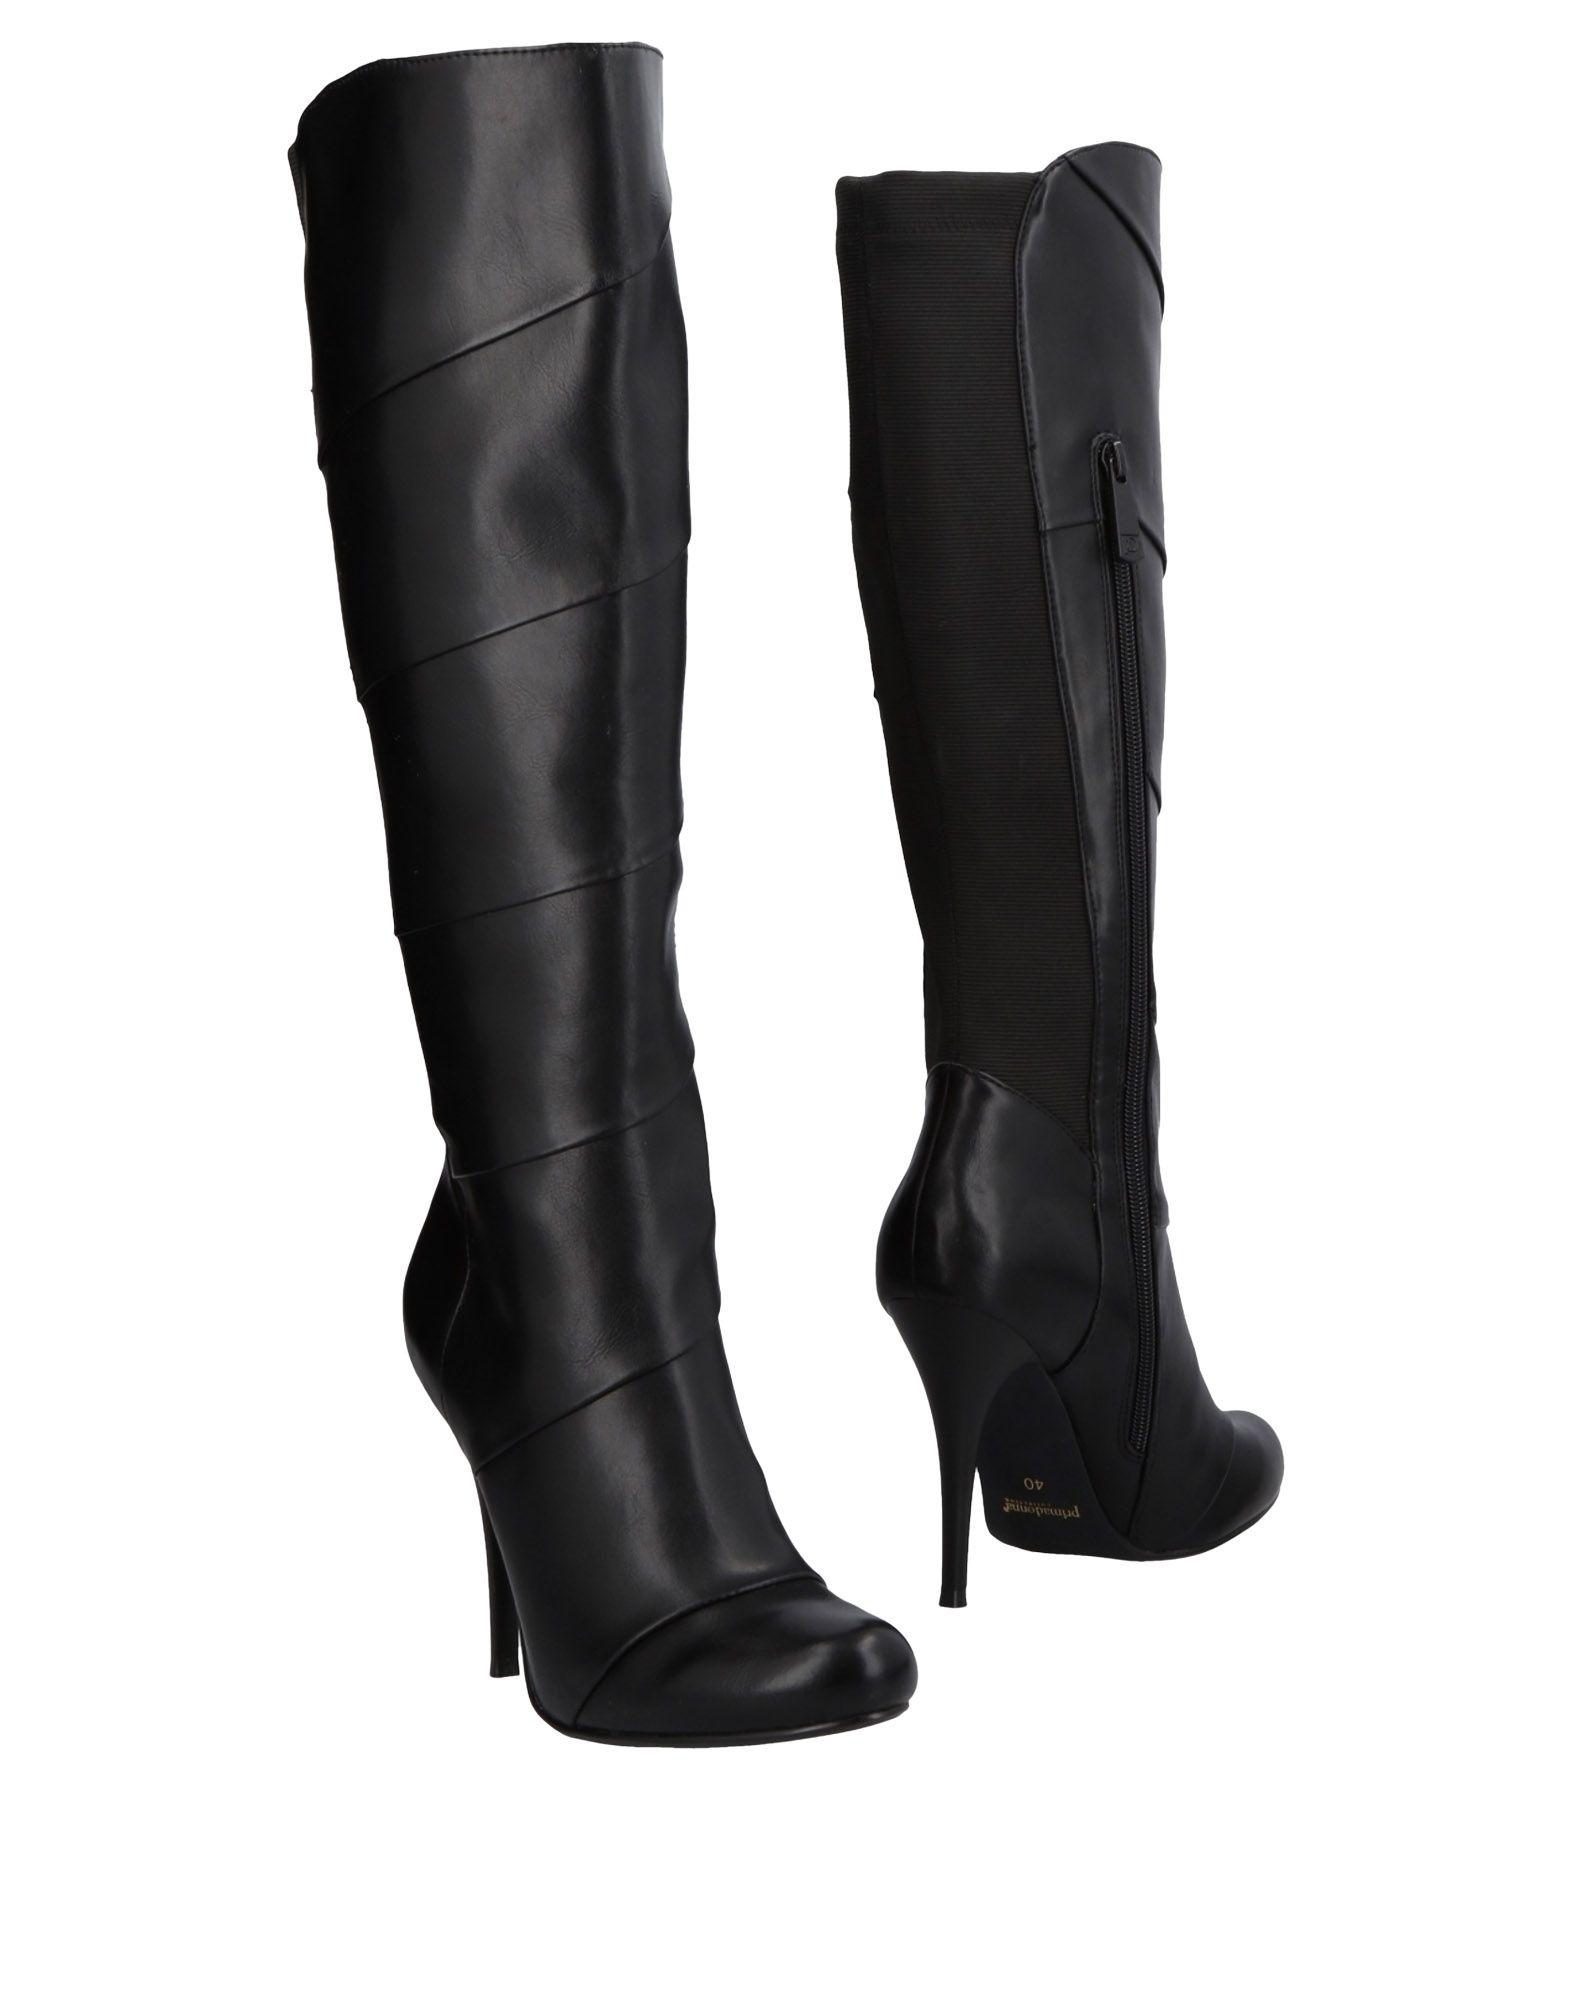 Primadonna Stiefel Damen  11495680WB Gute Qualität beliebte Schuhe